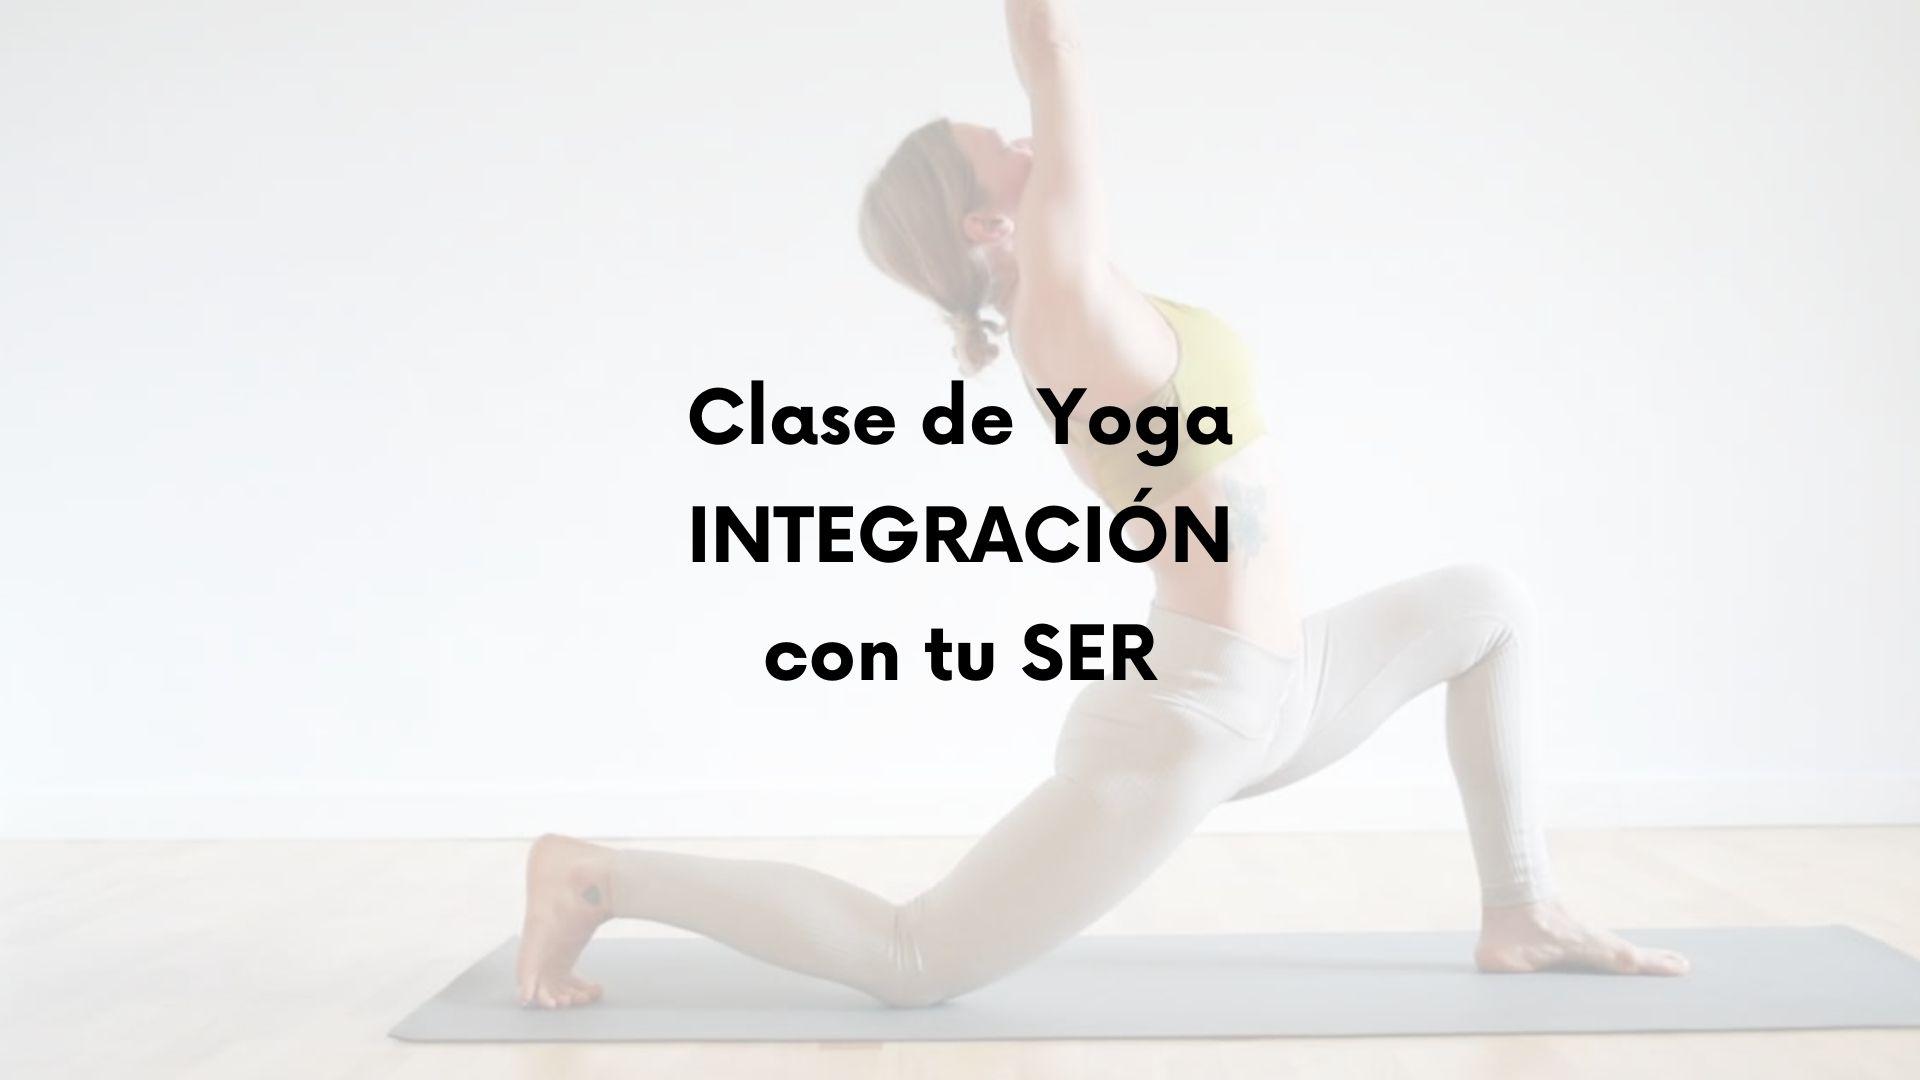 Clase de yoga para integrarse con el ser